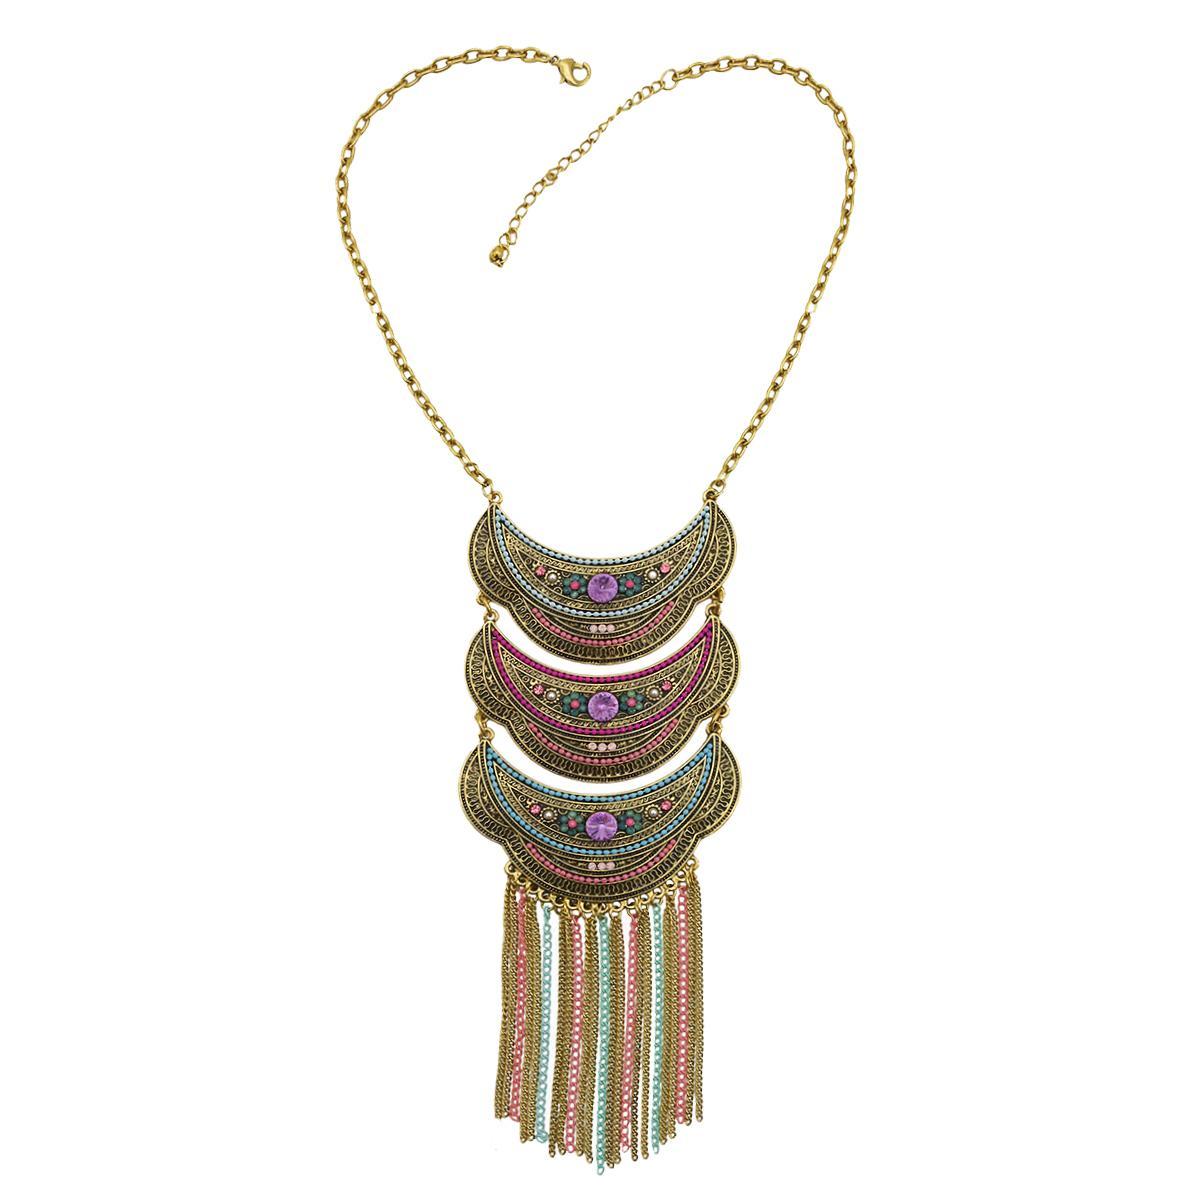 خمر نمط الذهب مع حجر الراين الخرز الملونة بيان الشرابة القلائد للمجوهرات حزب النساء